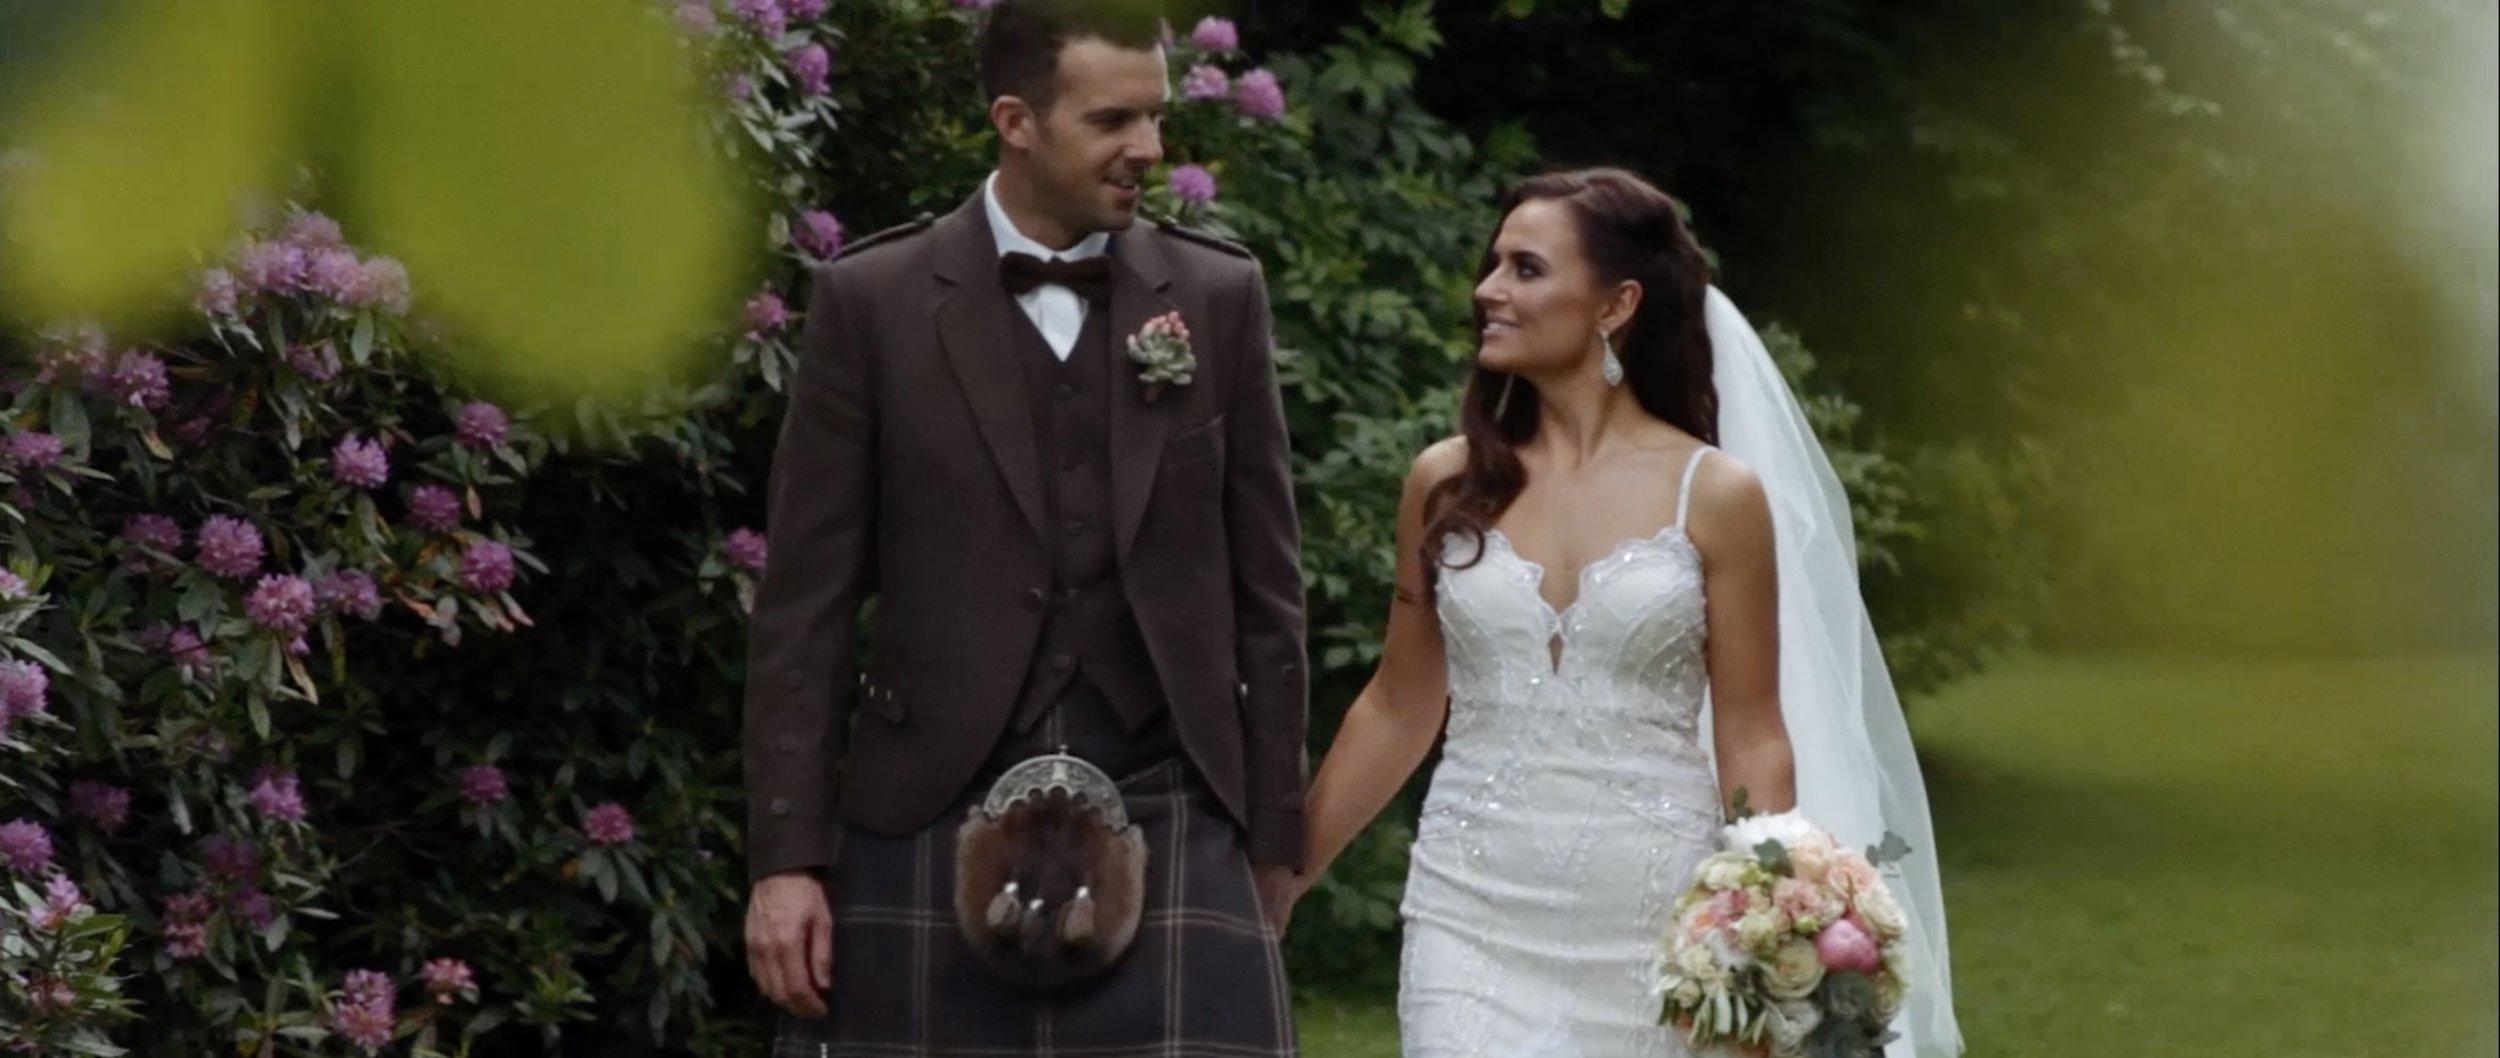 dundee-wedding-videographer_LL_06.jpg